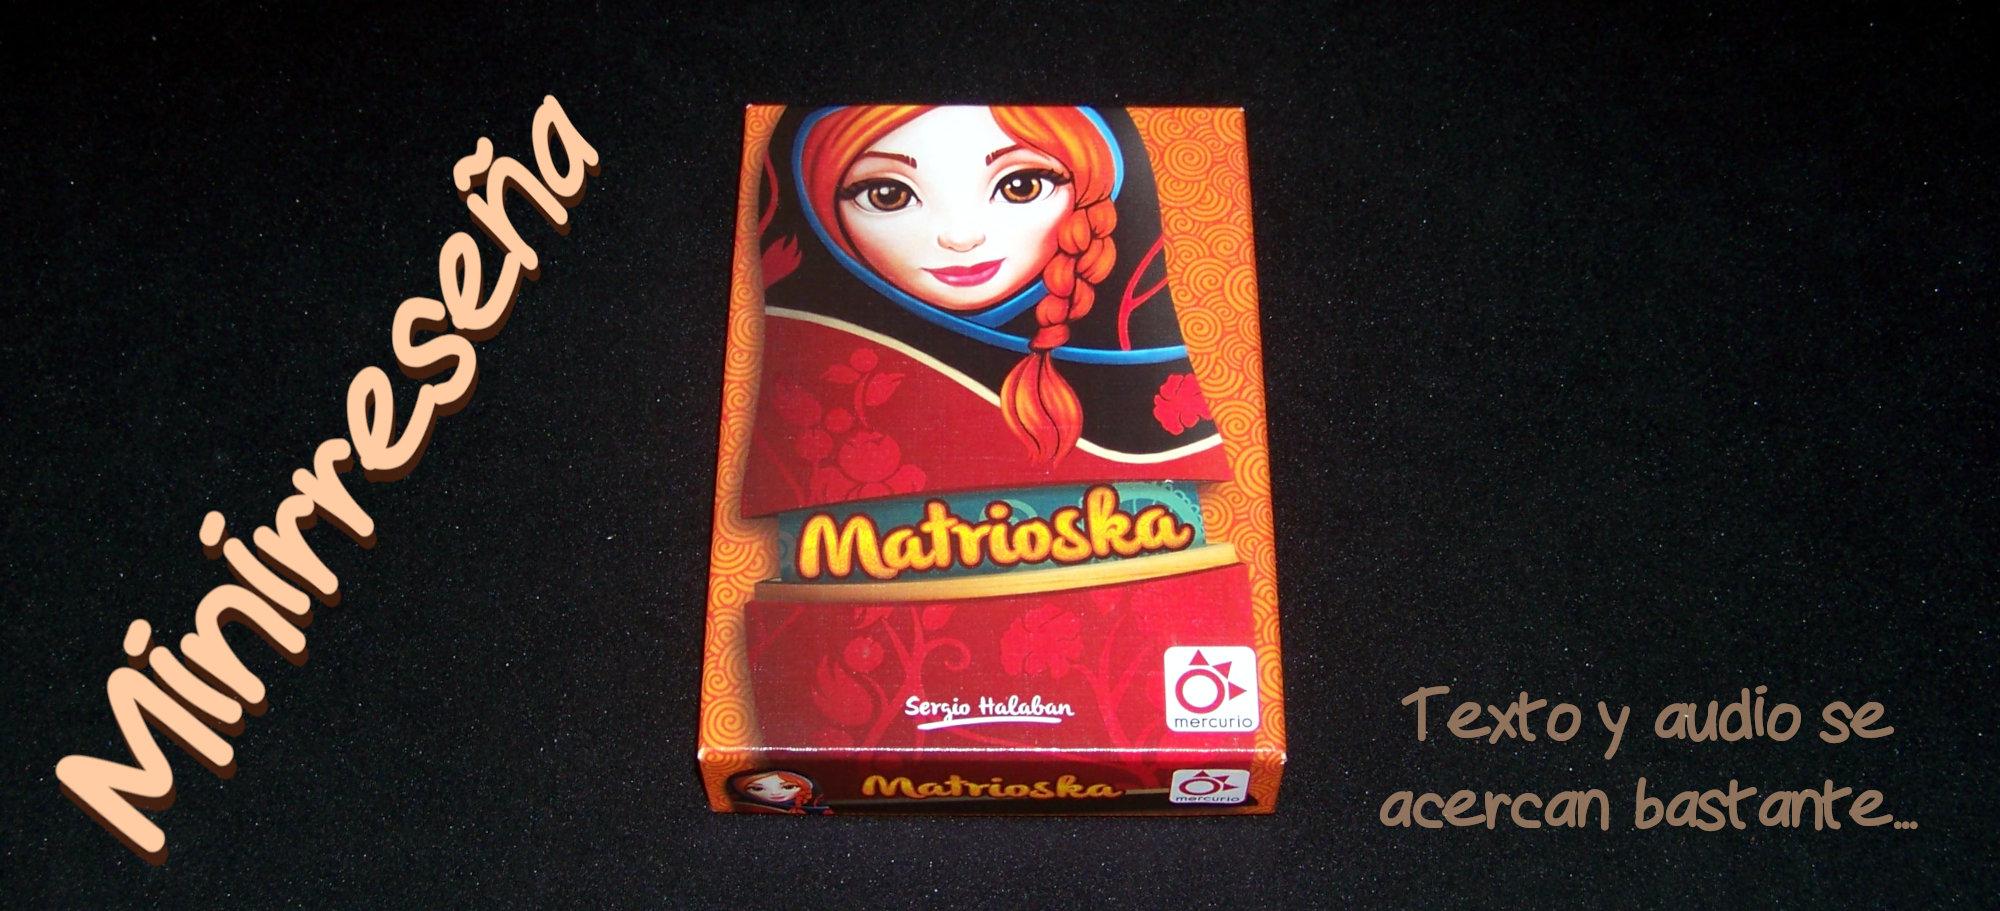 Juego de mesa Matrioska - Carátula de la minirreseña.